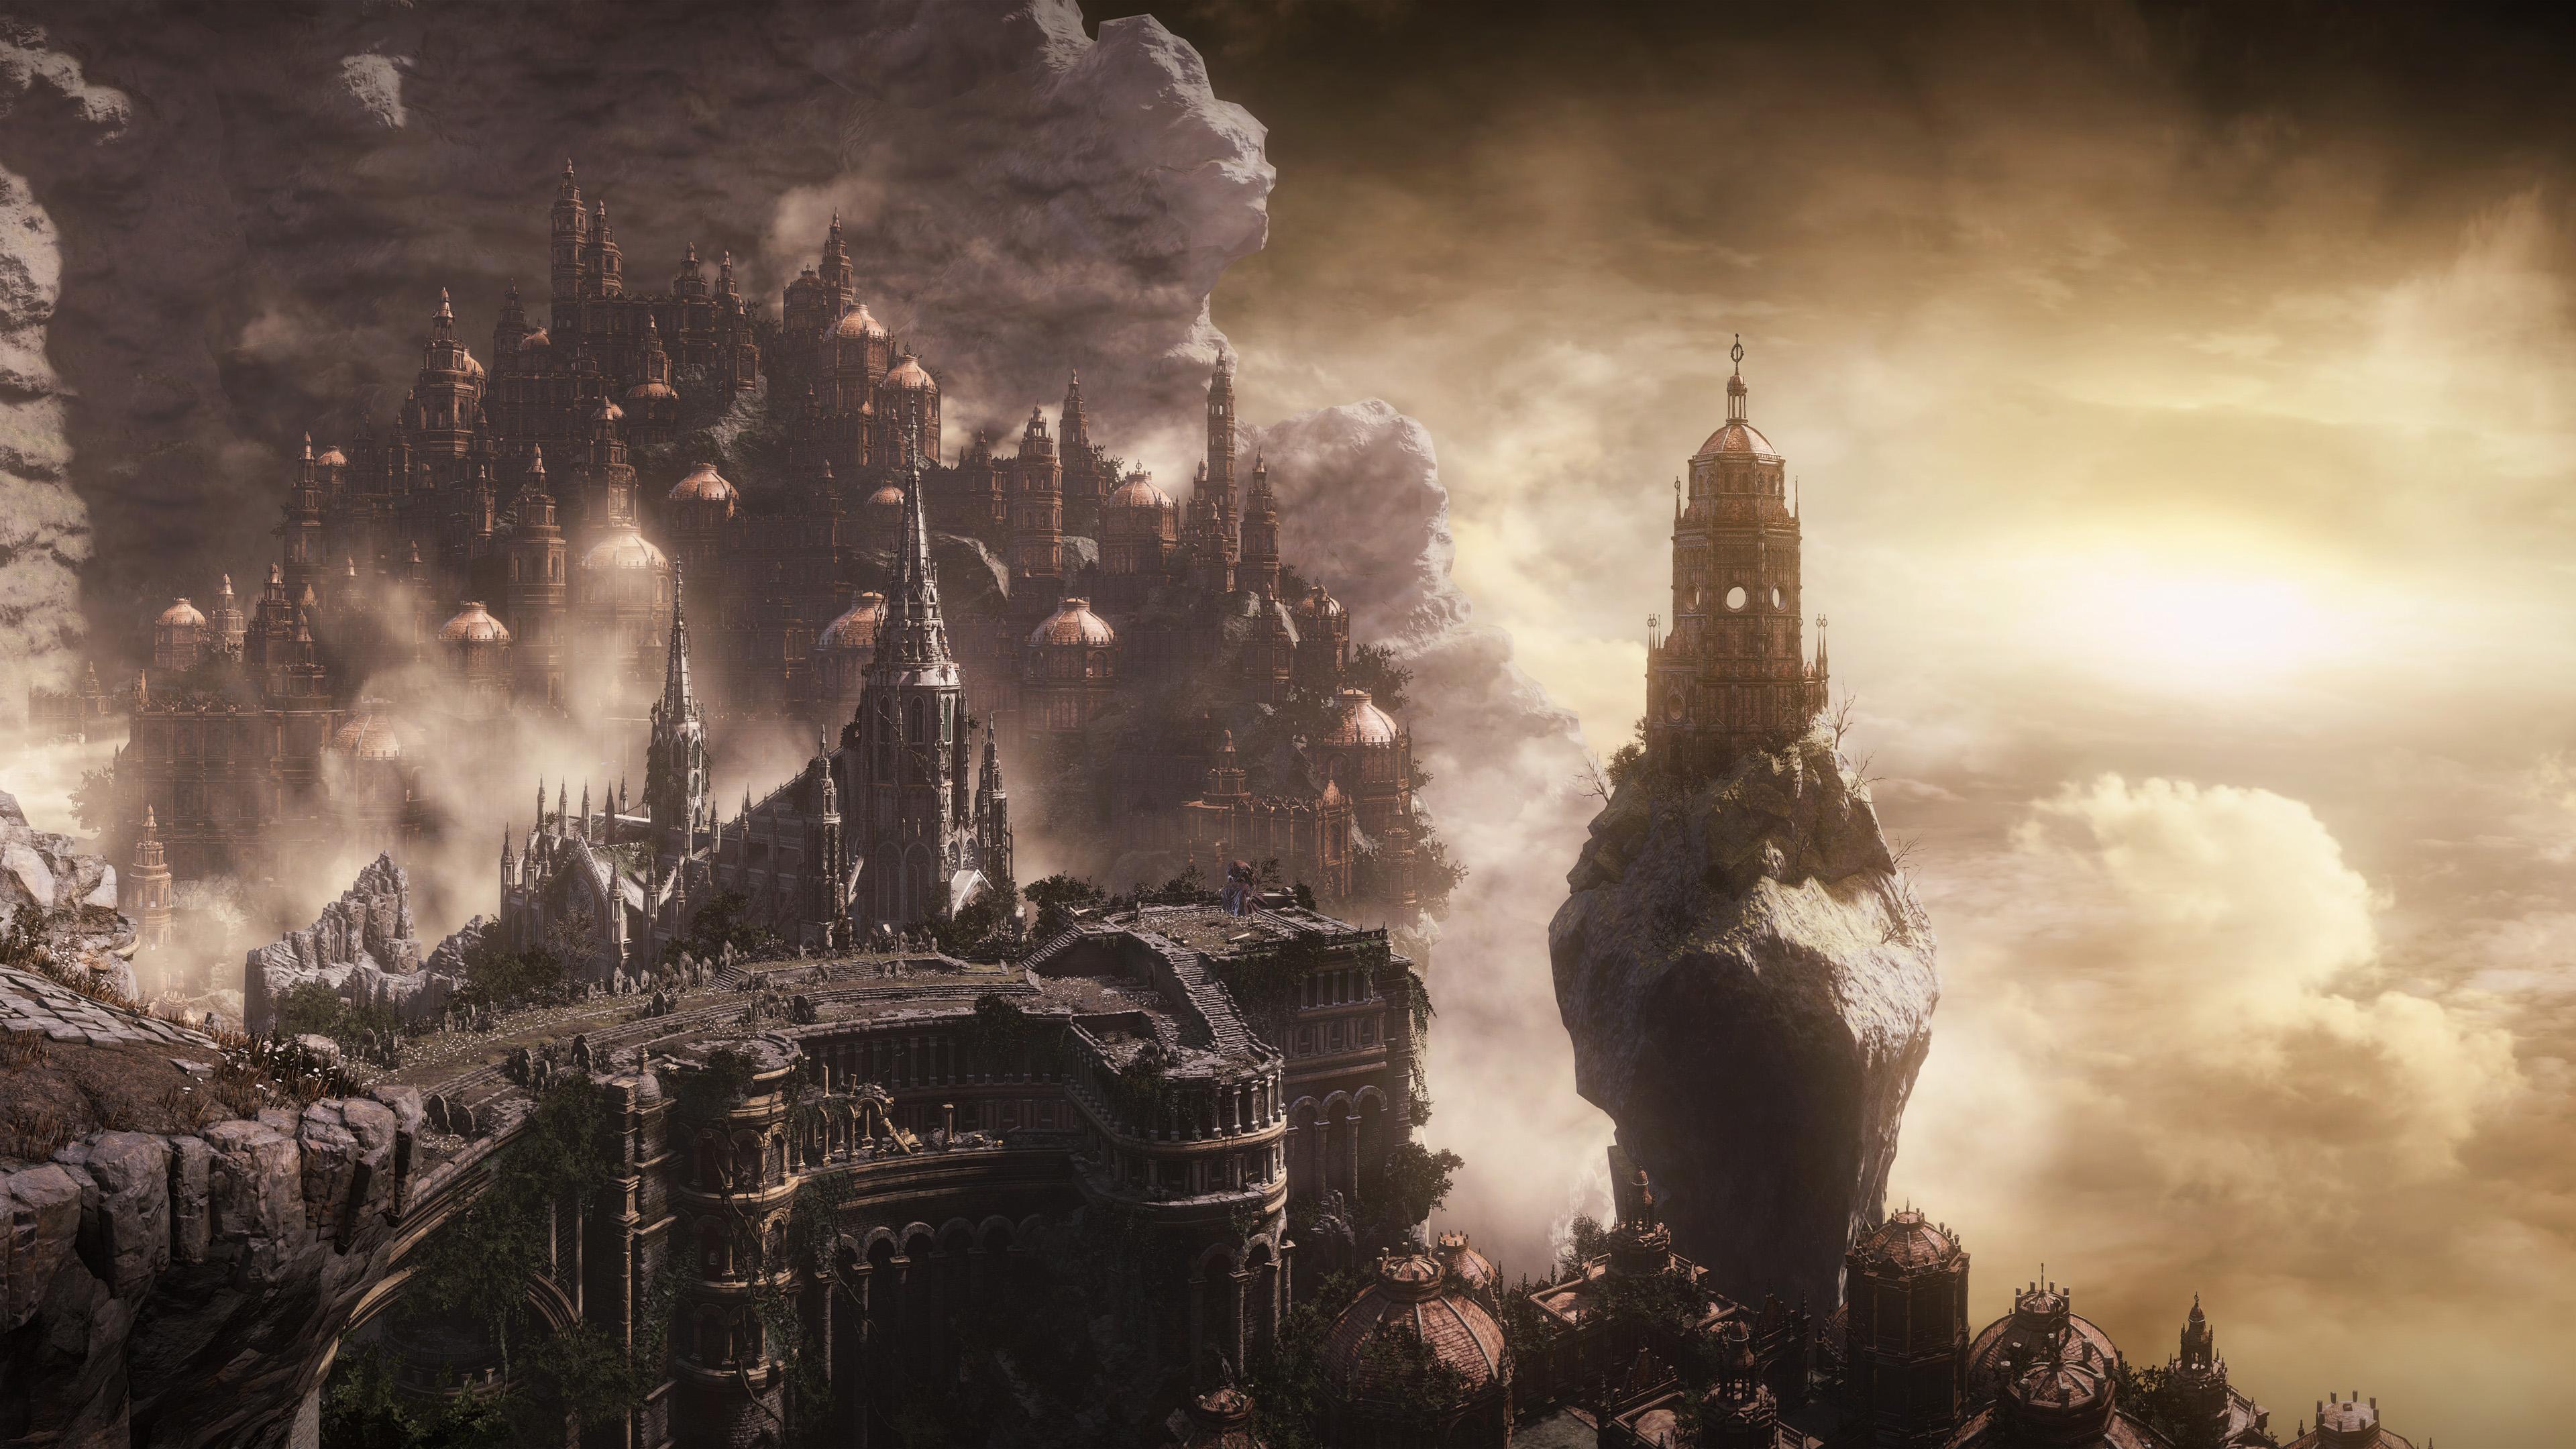 City Fantasy 3840x2160